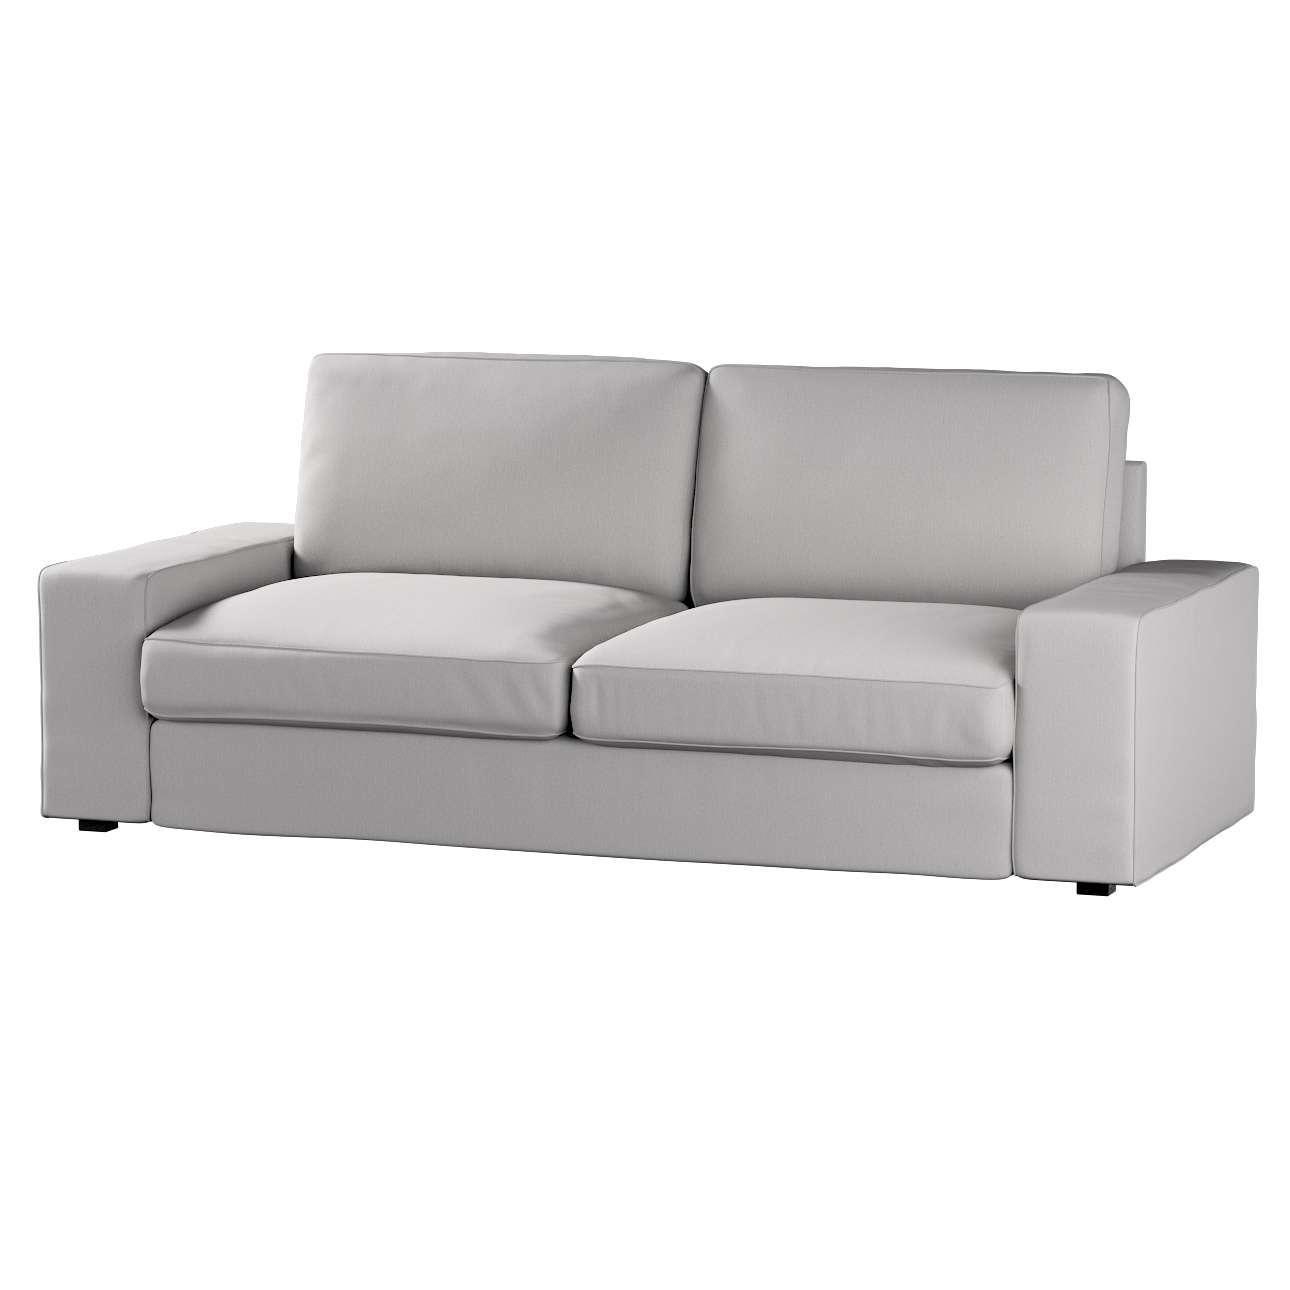 Pokrowiec na sofę Kivik 3-osobową, nierozkładaną Sofa Kivik 3-osobowa nierozkładana w kolekcji Chenille, tkanina: 702-23